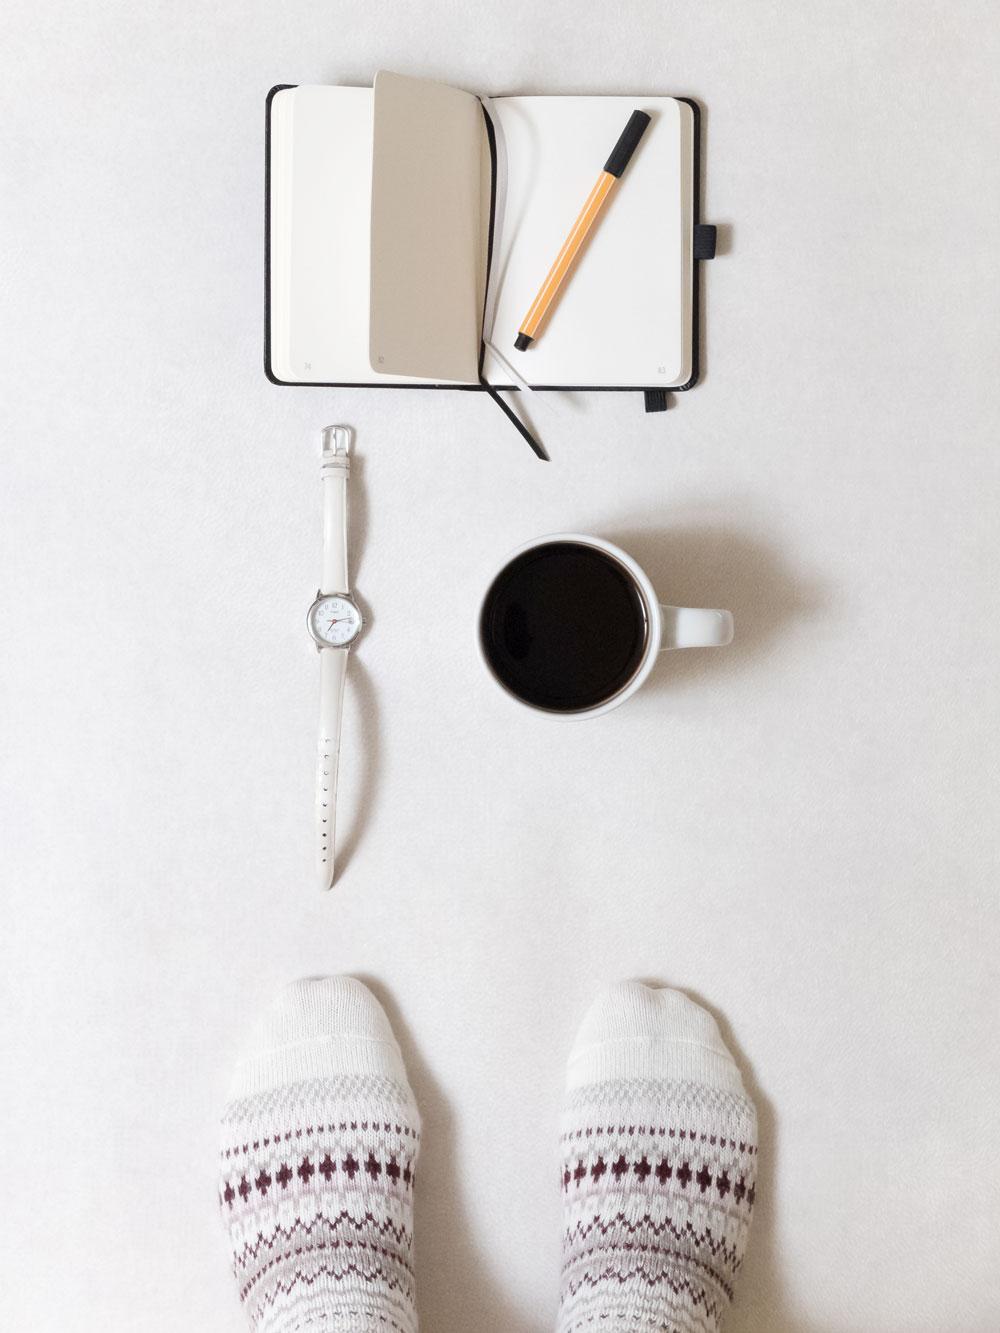 clean-wake-up-Monica-Duran.jpg